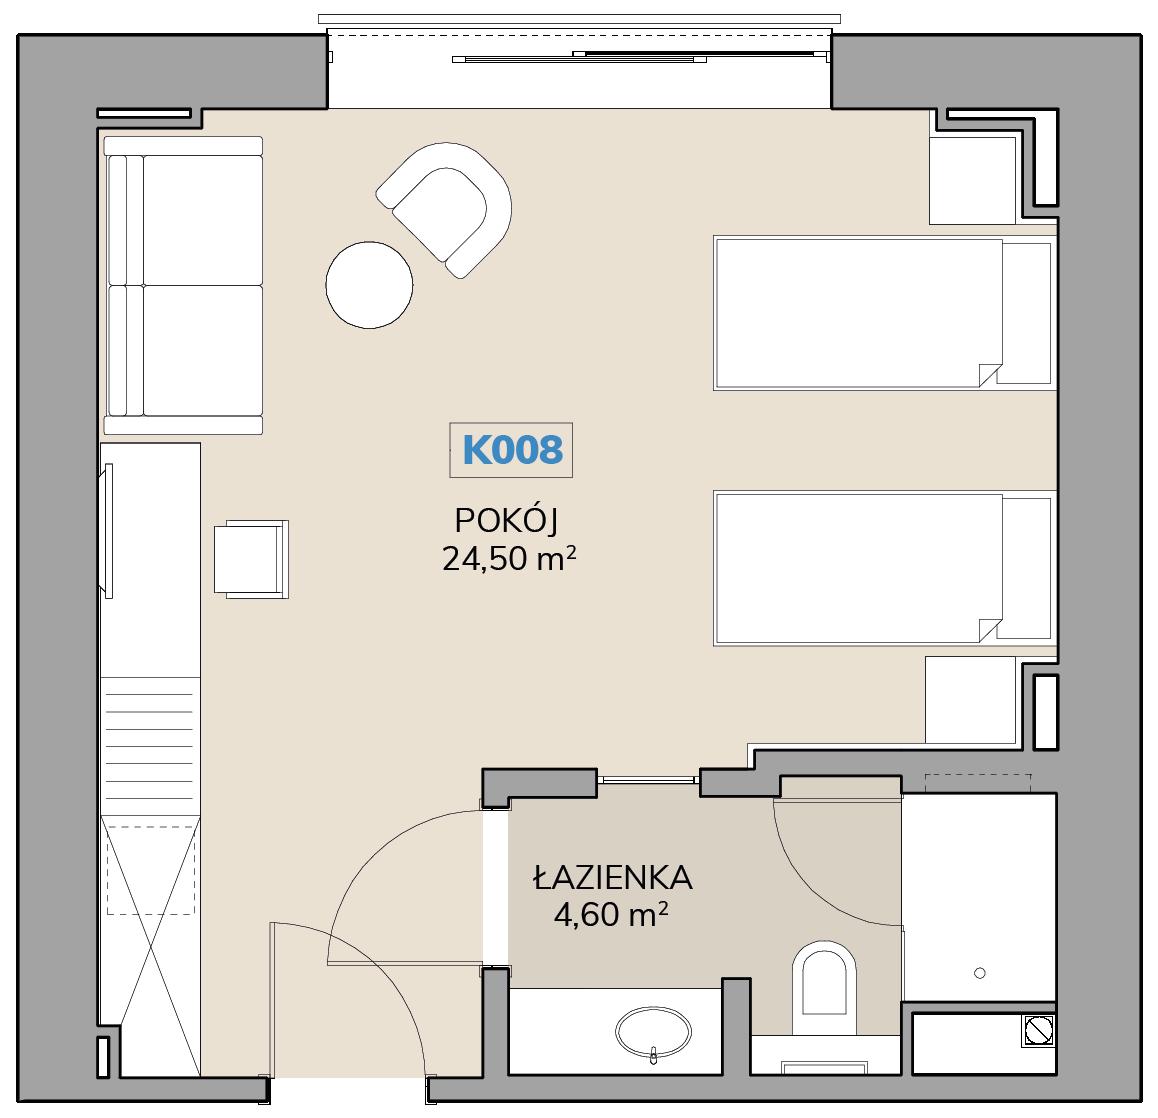 Apartament K008